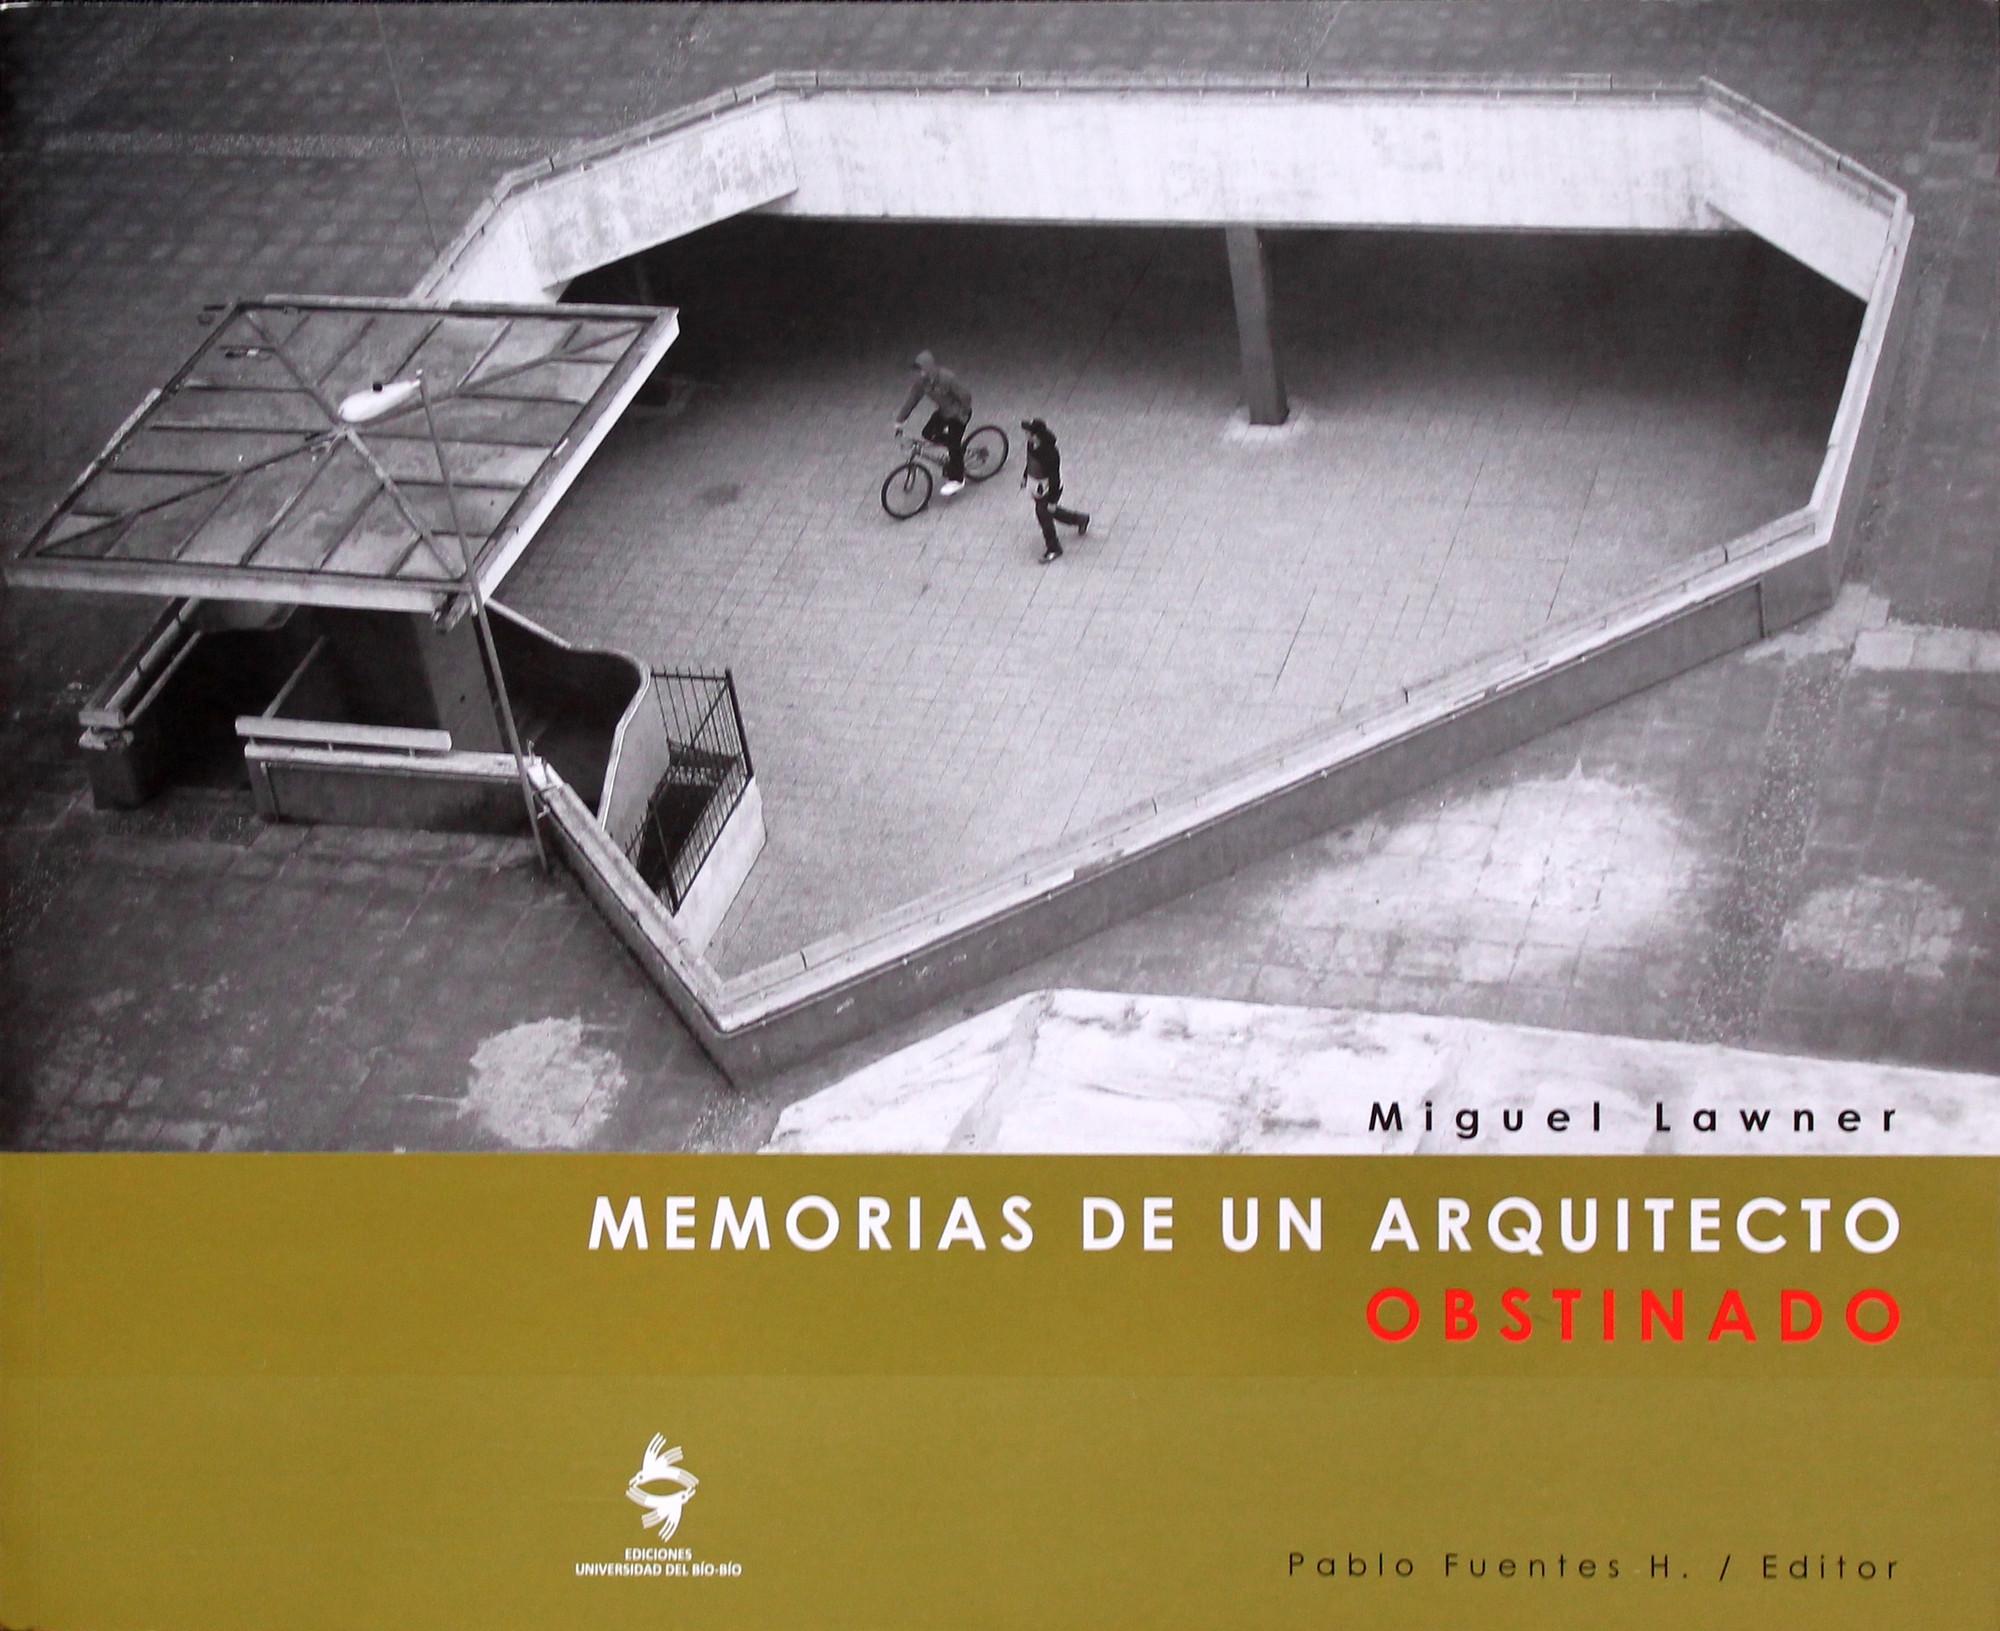 Memorias de un arquitecto obstinado. Image Cortesia de XIX Bienal de Arquitectura y Urbanismo